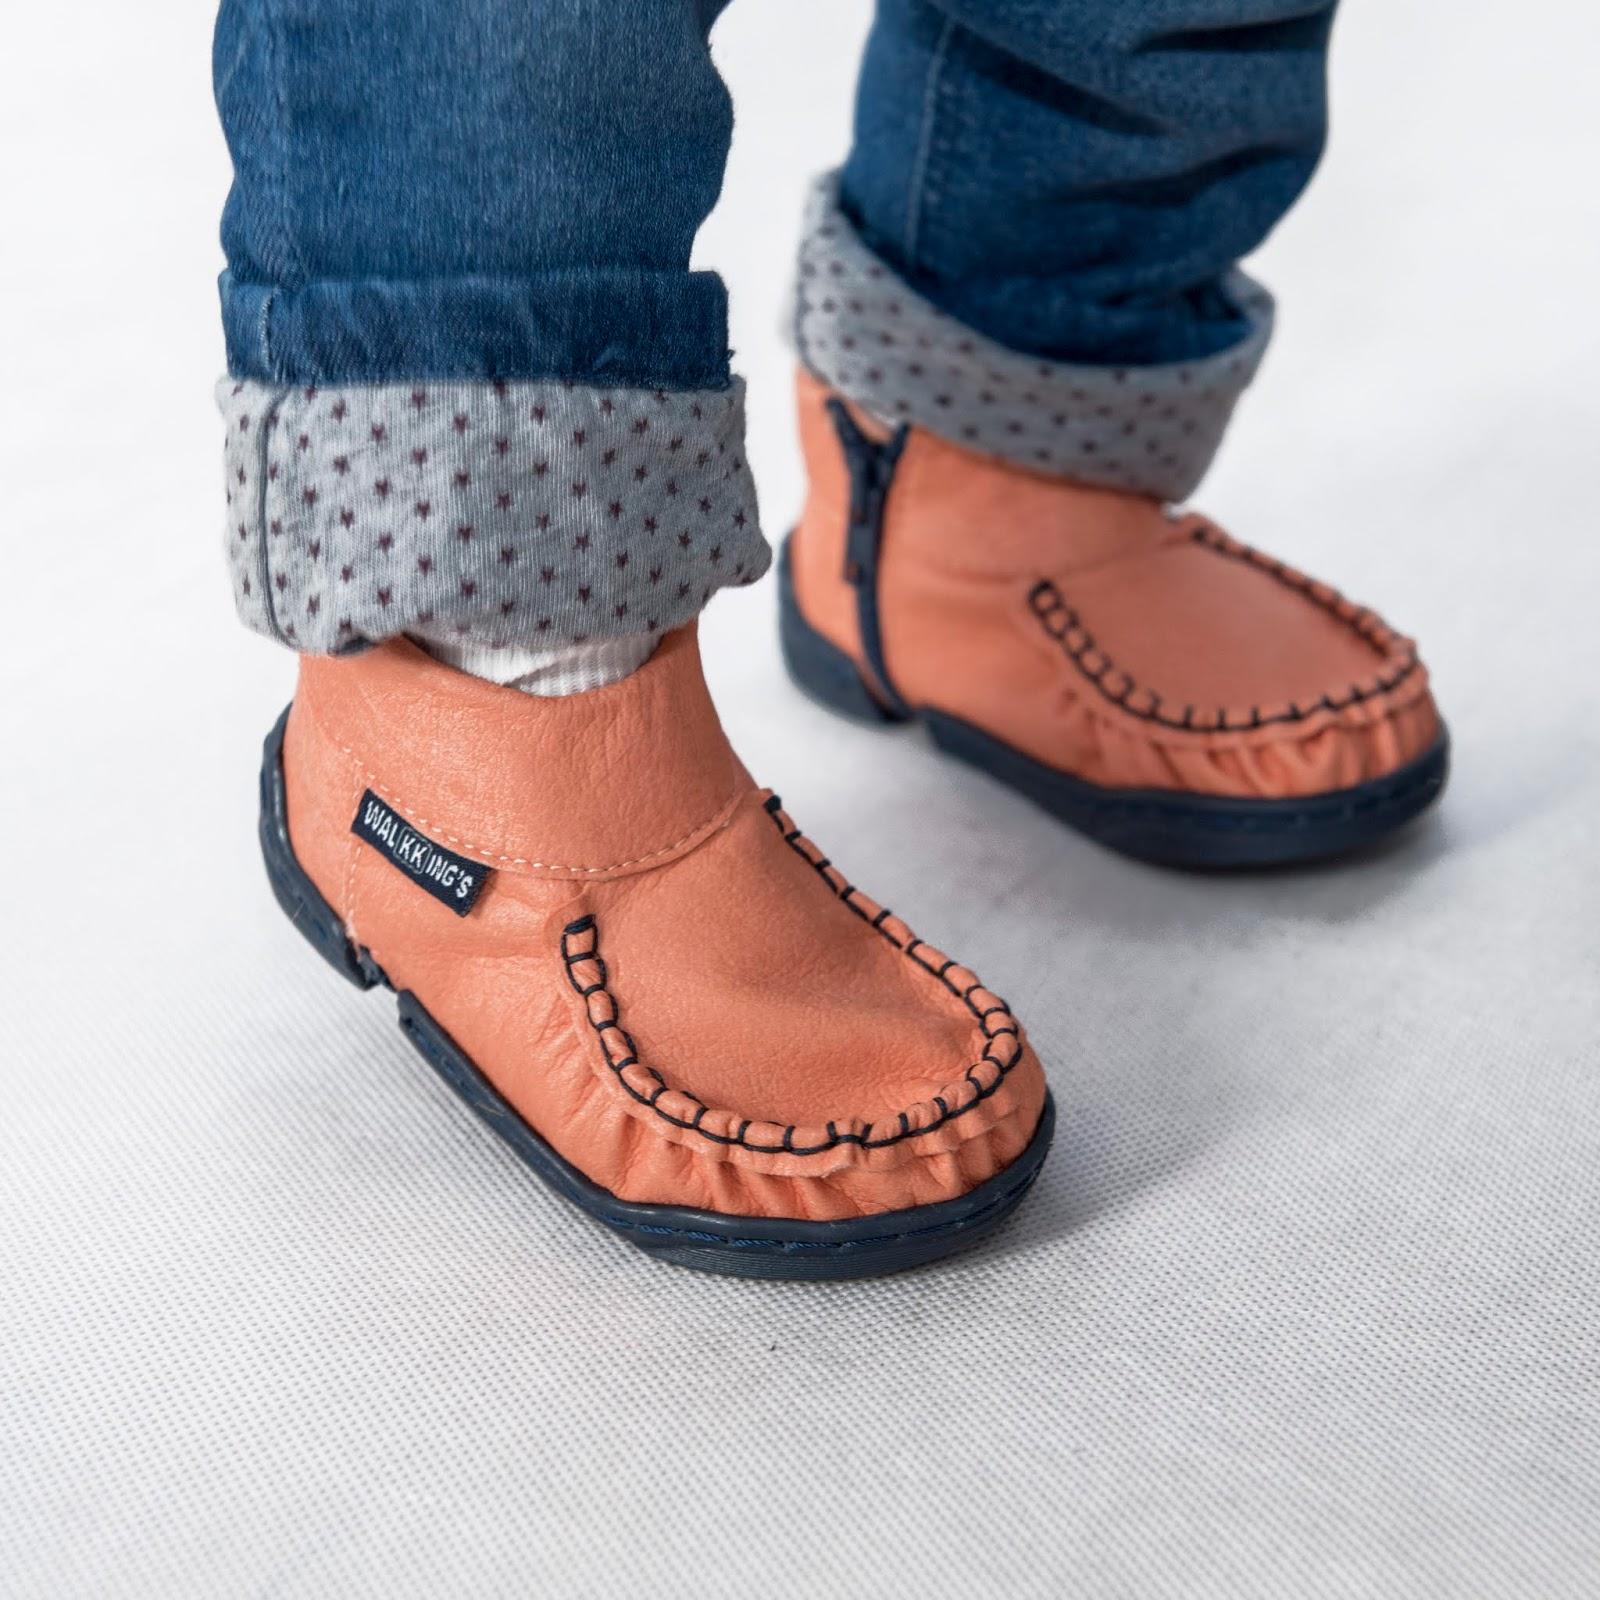 jakie buty do nauki chodzenia kupić